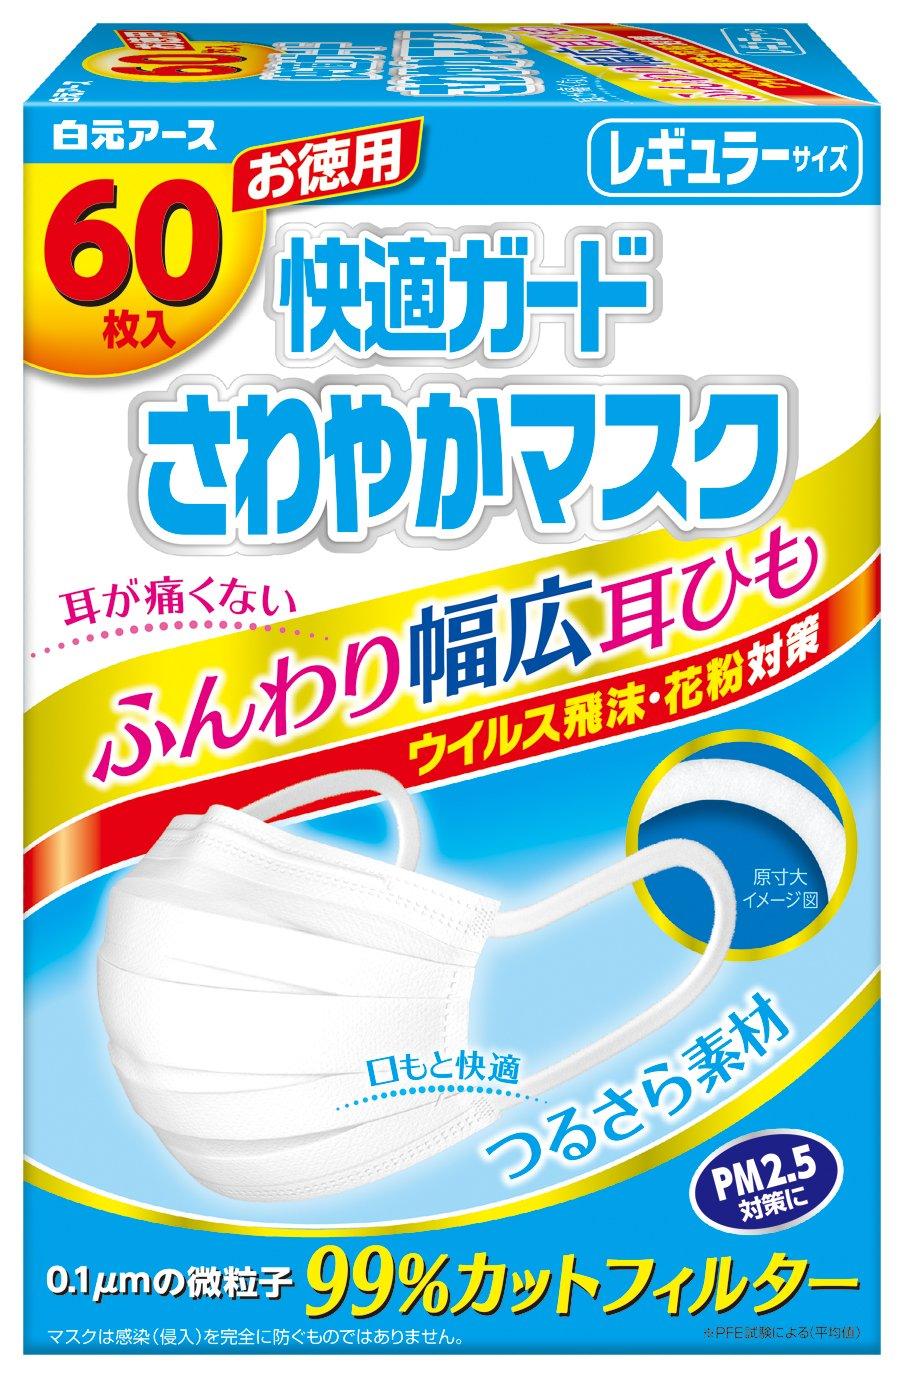 快適ガードさわやかマスク レギュラーサイズ 60枚入